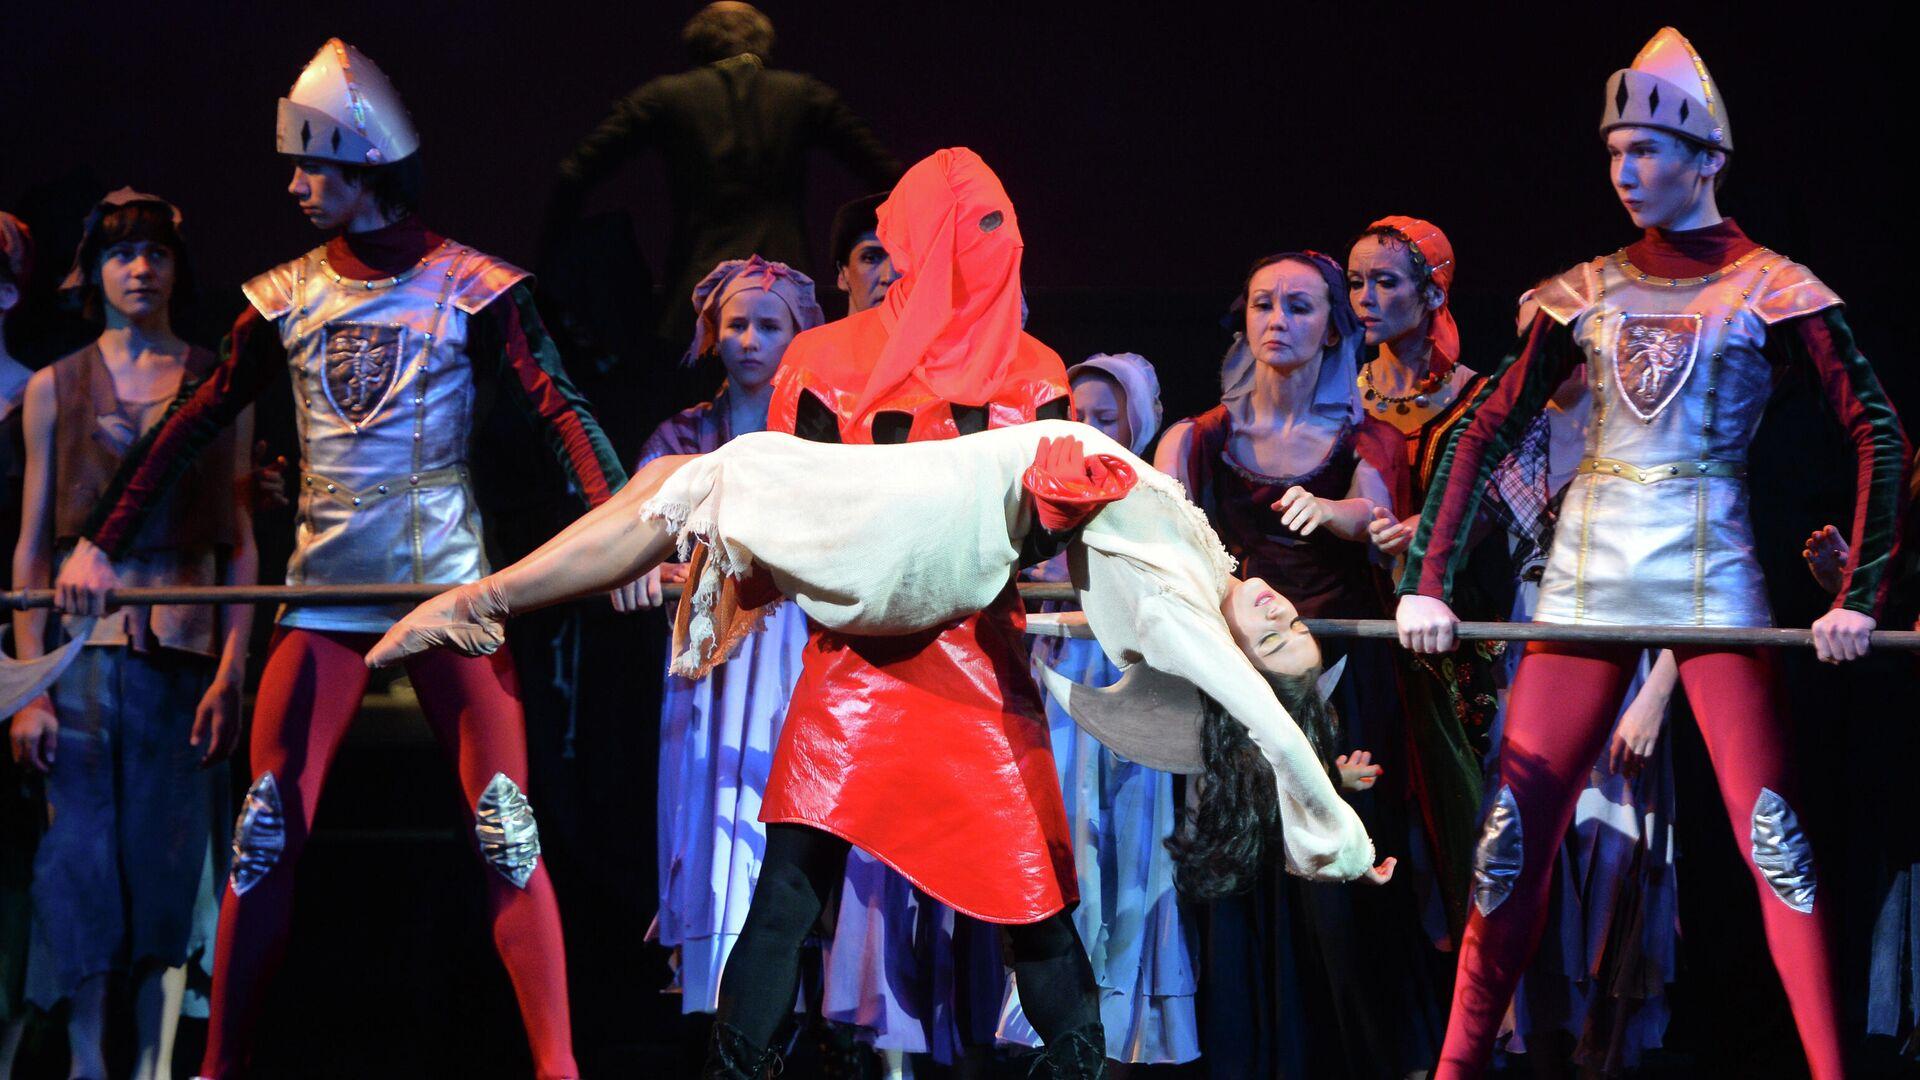 XXIX Международный фестиваль классического балета имени Рудольфа Нуриева - РИА Новости, 1920, 20.05.2021